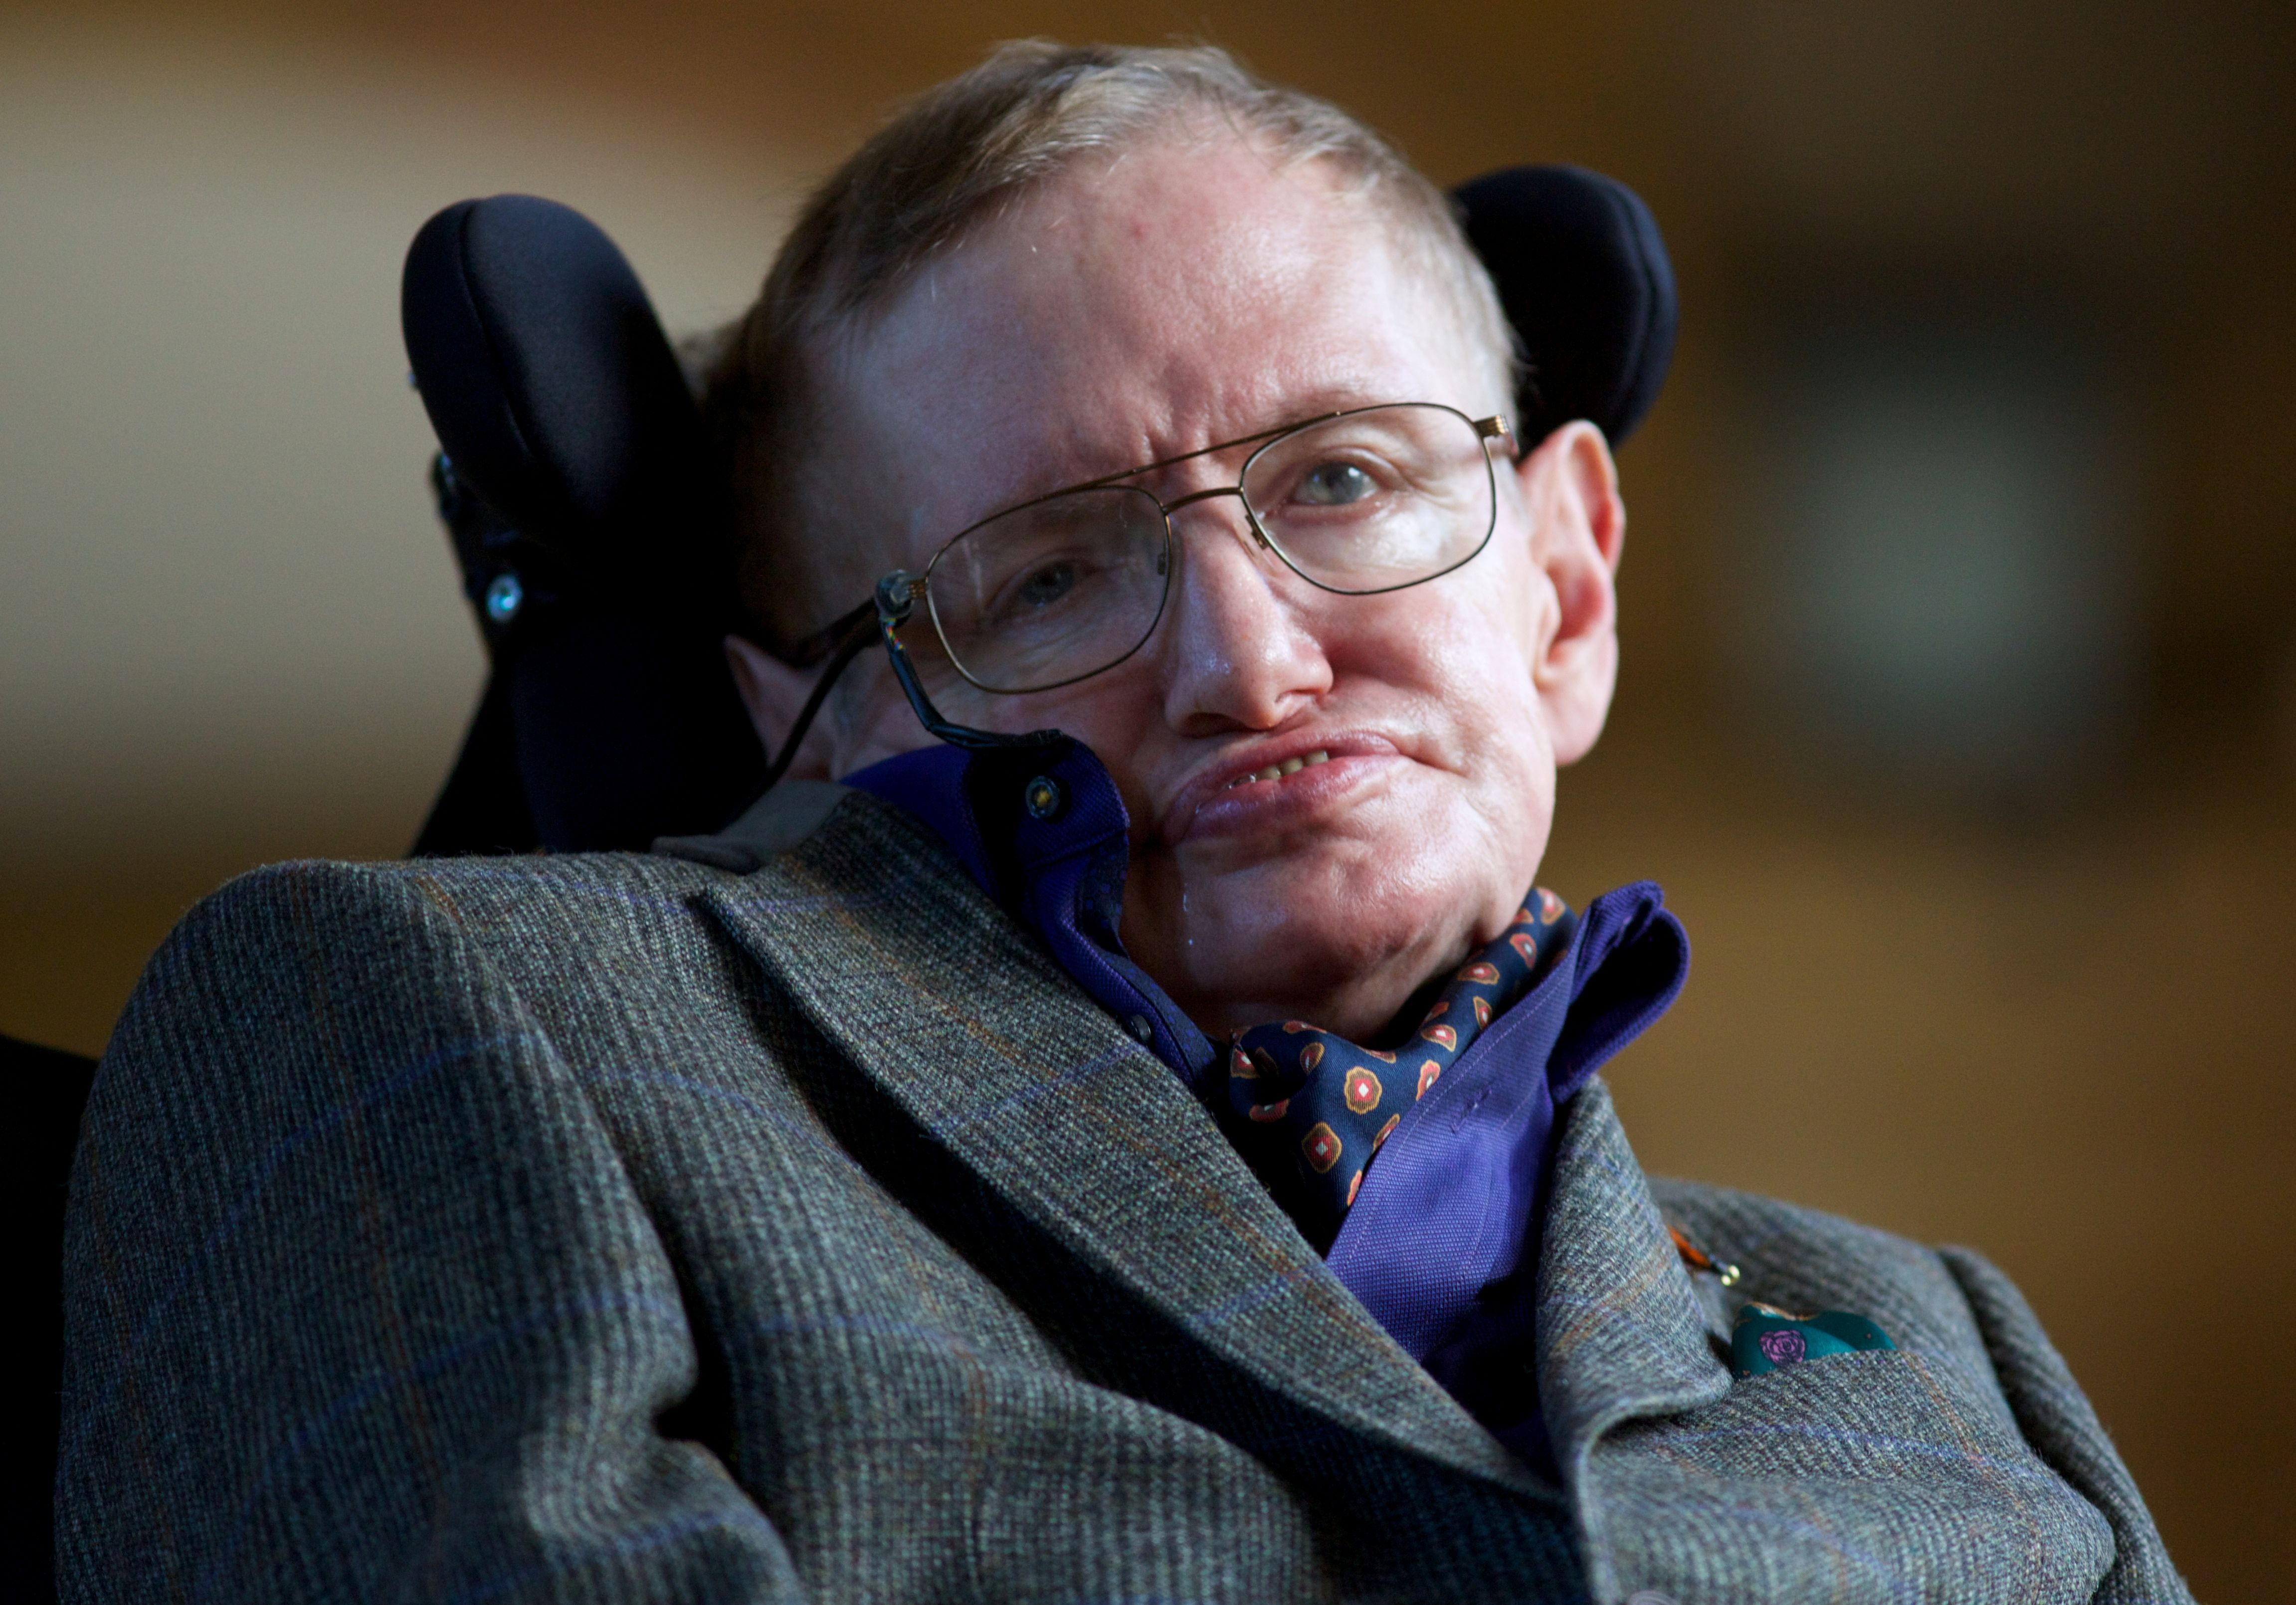 ¿Una preocupación más? Estas son las predicciones de Stephen Hawking sobre el futuro de la humanidad